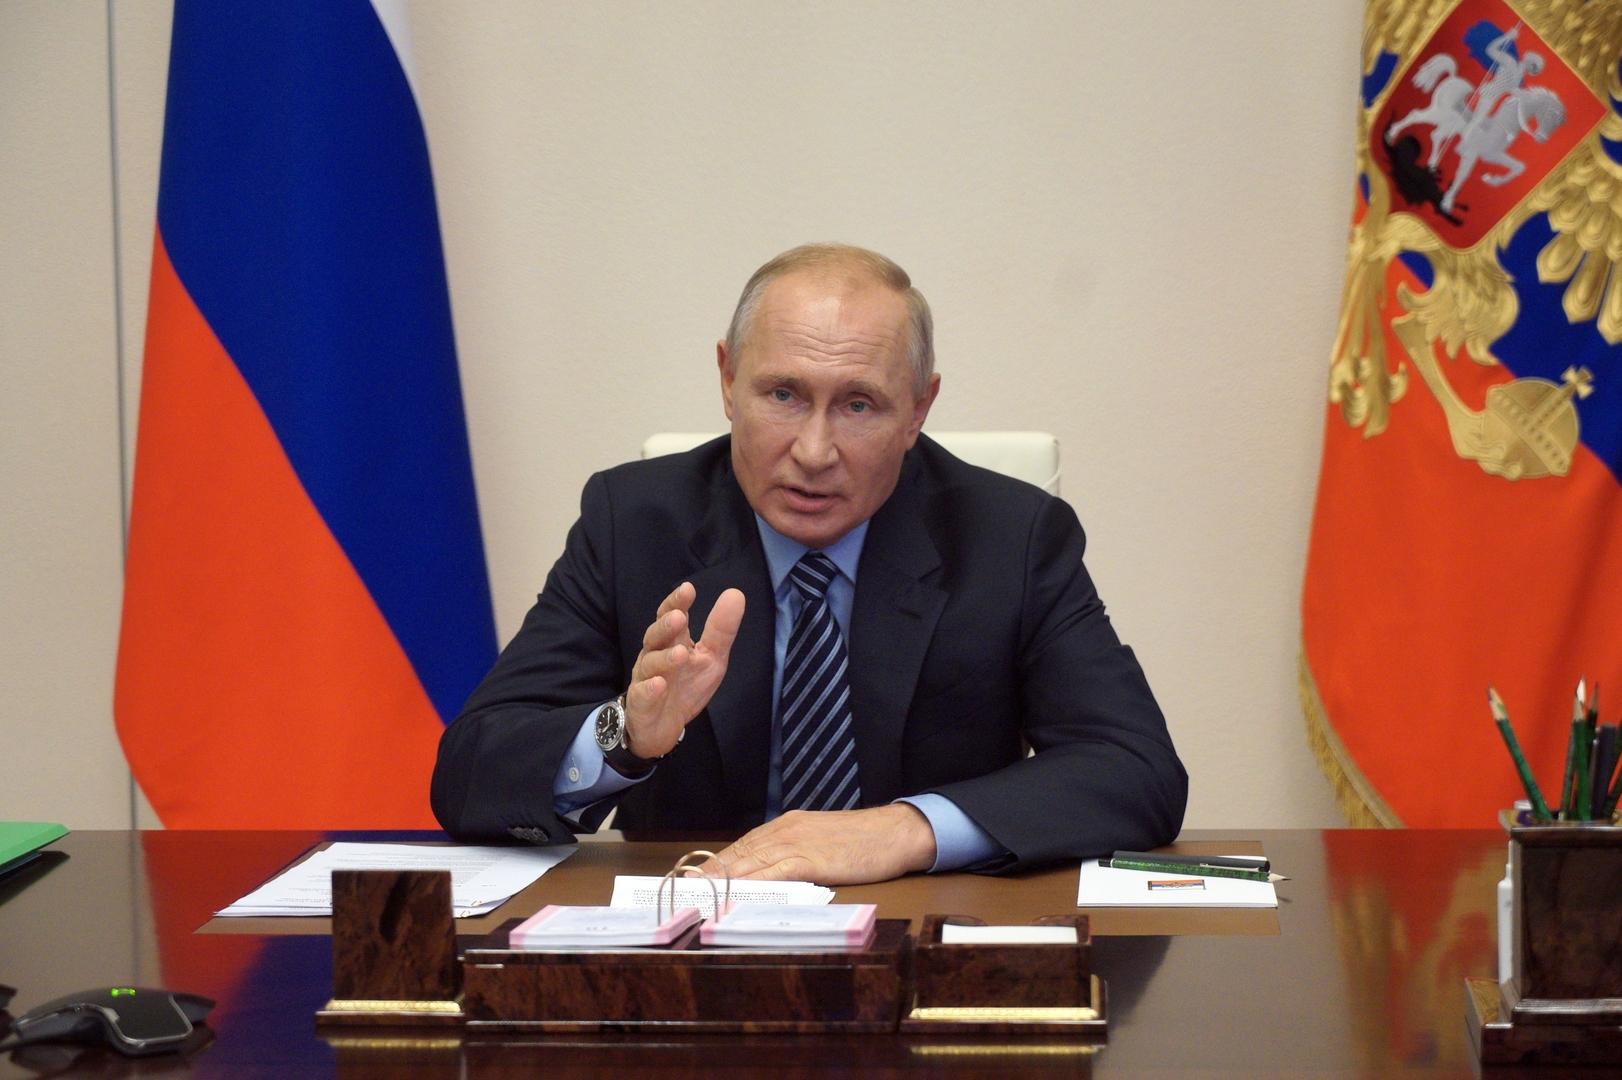 بوتين: المواجهة الاقتصادية الدولية ستستمر